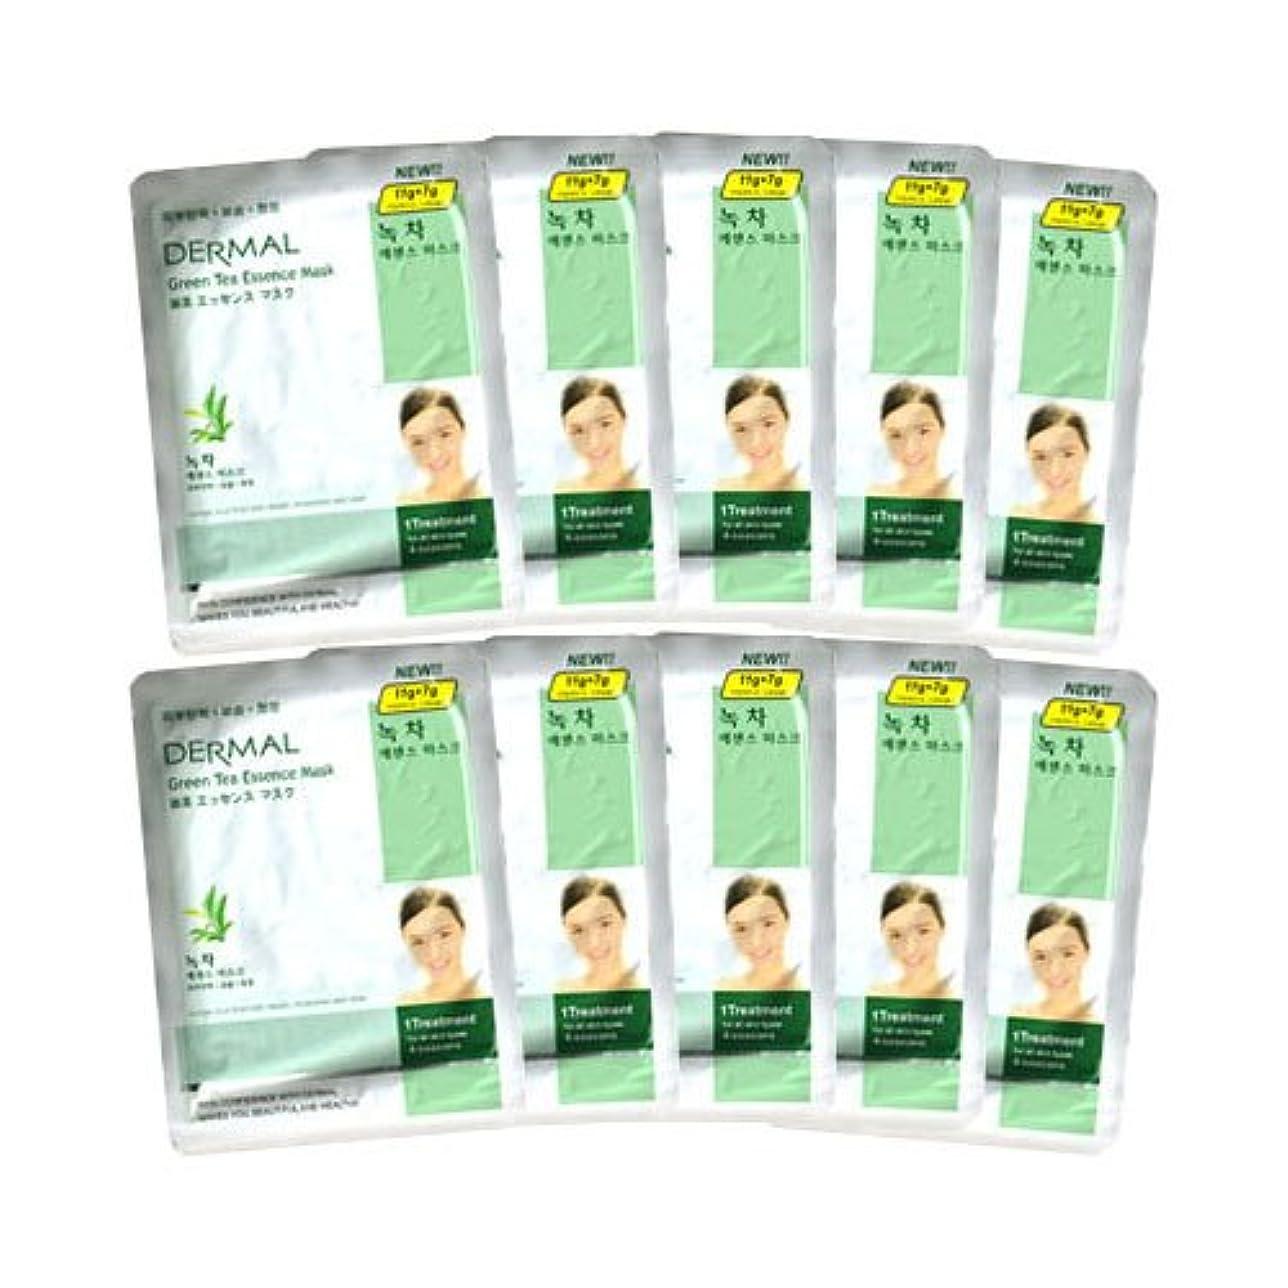 適度な仕事提供するダーマル 緑茶エッセンスマスク 10枚セット